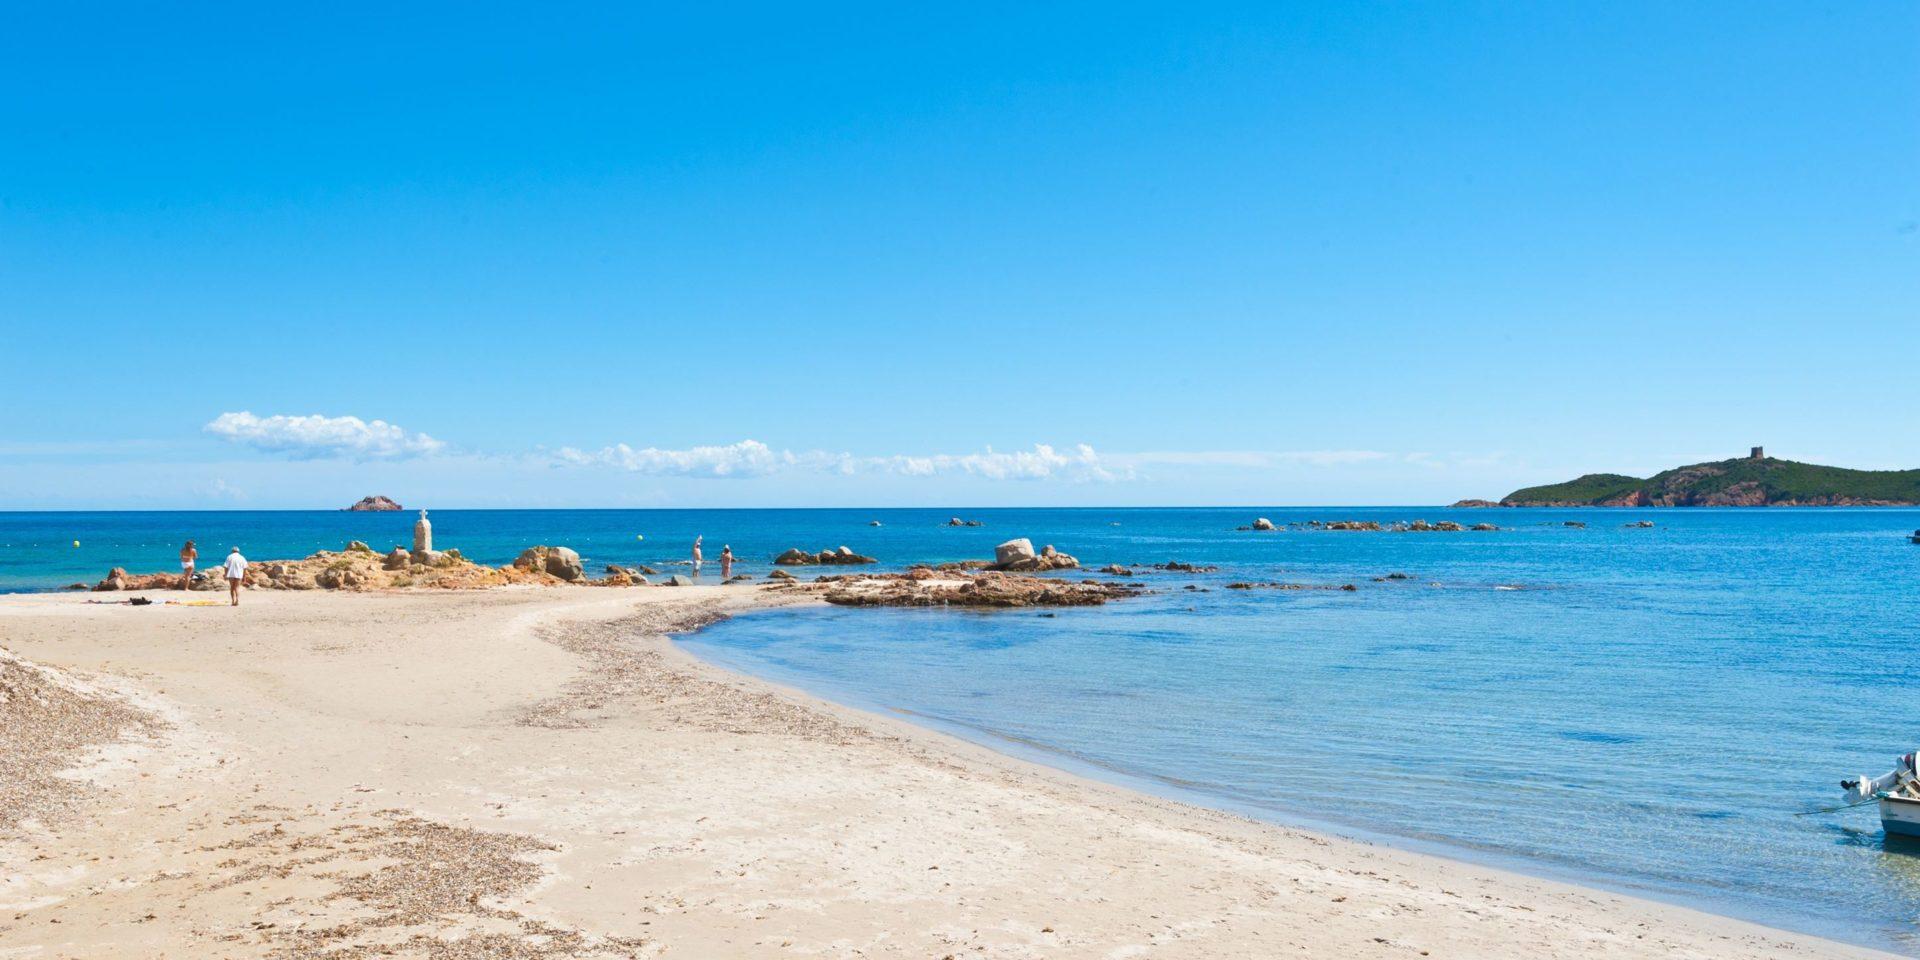 Residence U Paesolu Pinarello Sainte-Lucie-de-Porto-Vecchio Porto-Vecchio Corsica Frankrijk Plage-de-Pinarello strand zee